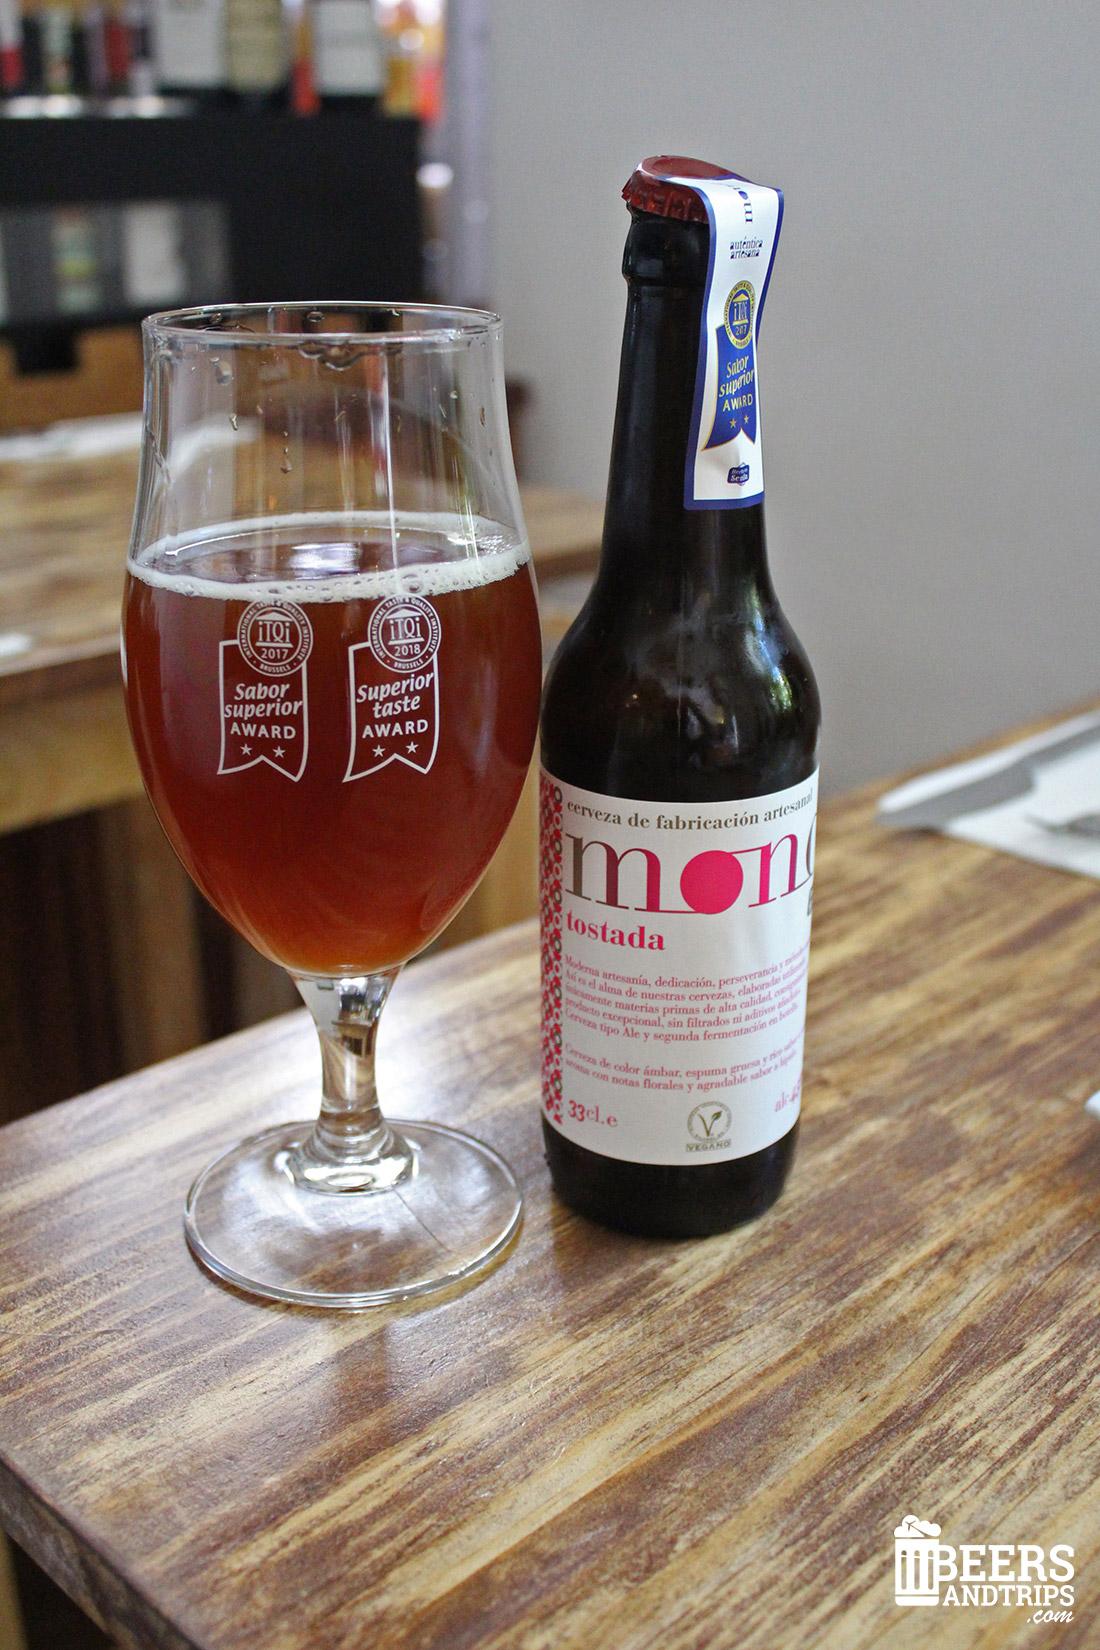 MOND Tostada, cerveza premiada internacionalmente